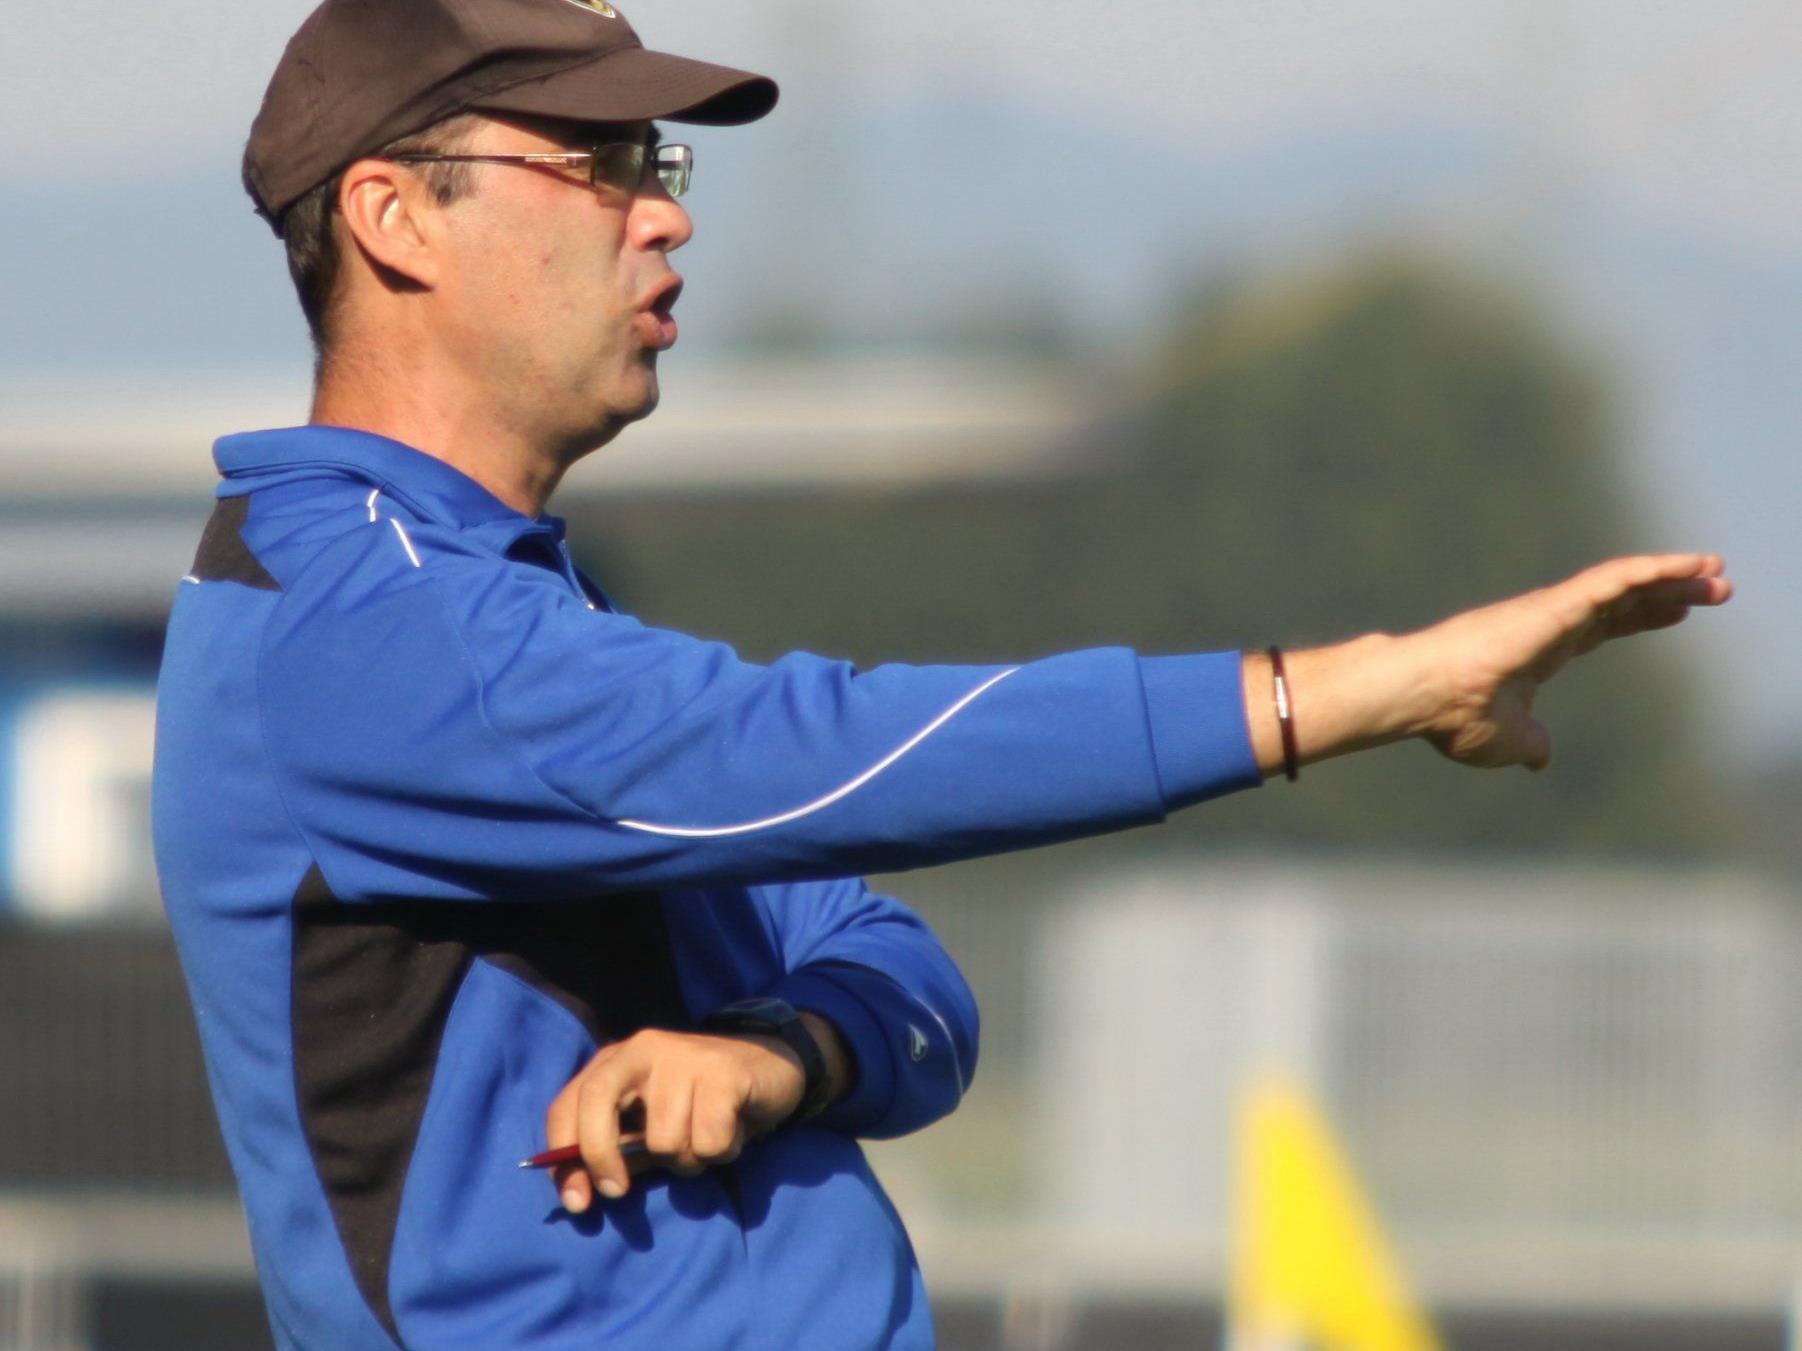 Coach Peter Jakubec zeigte sich zufrieden.